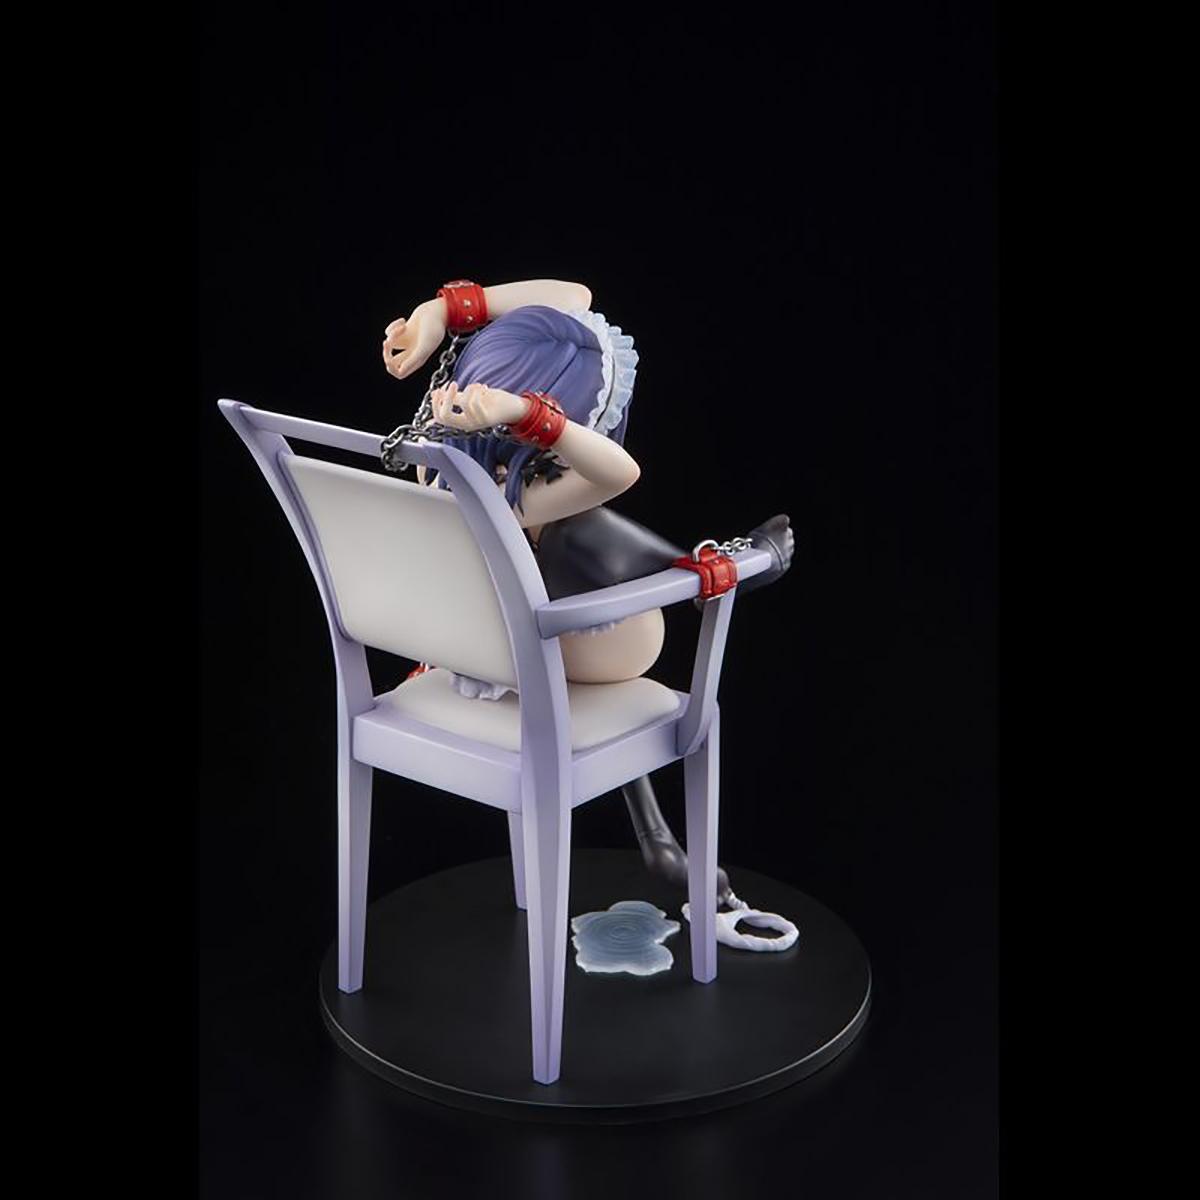 【限定販売】楓と鈴『星月 楓』1/6 完成品フィギュア-007